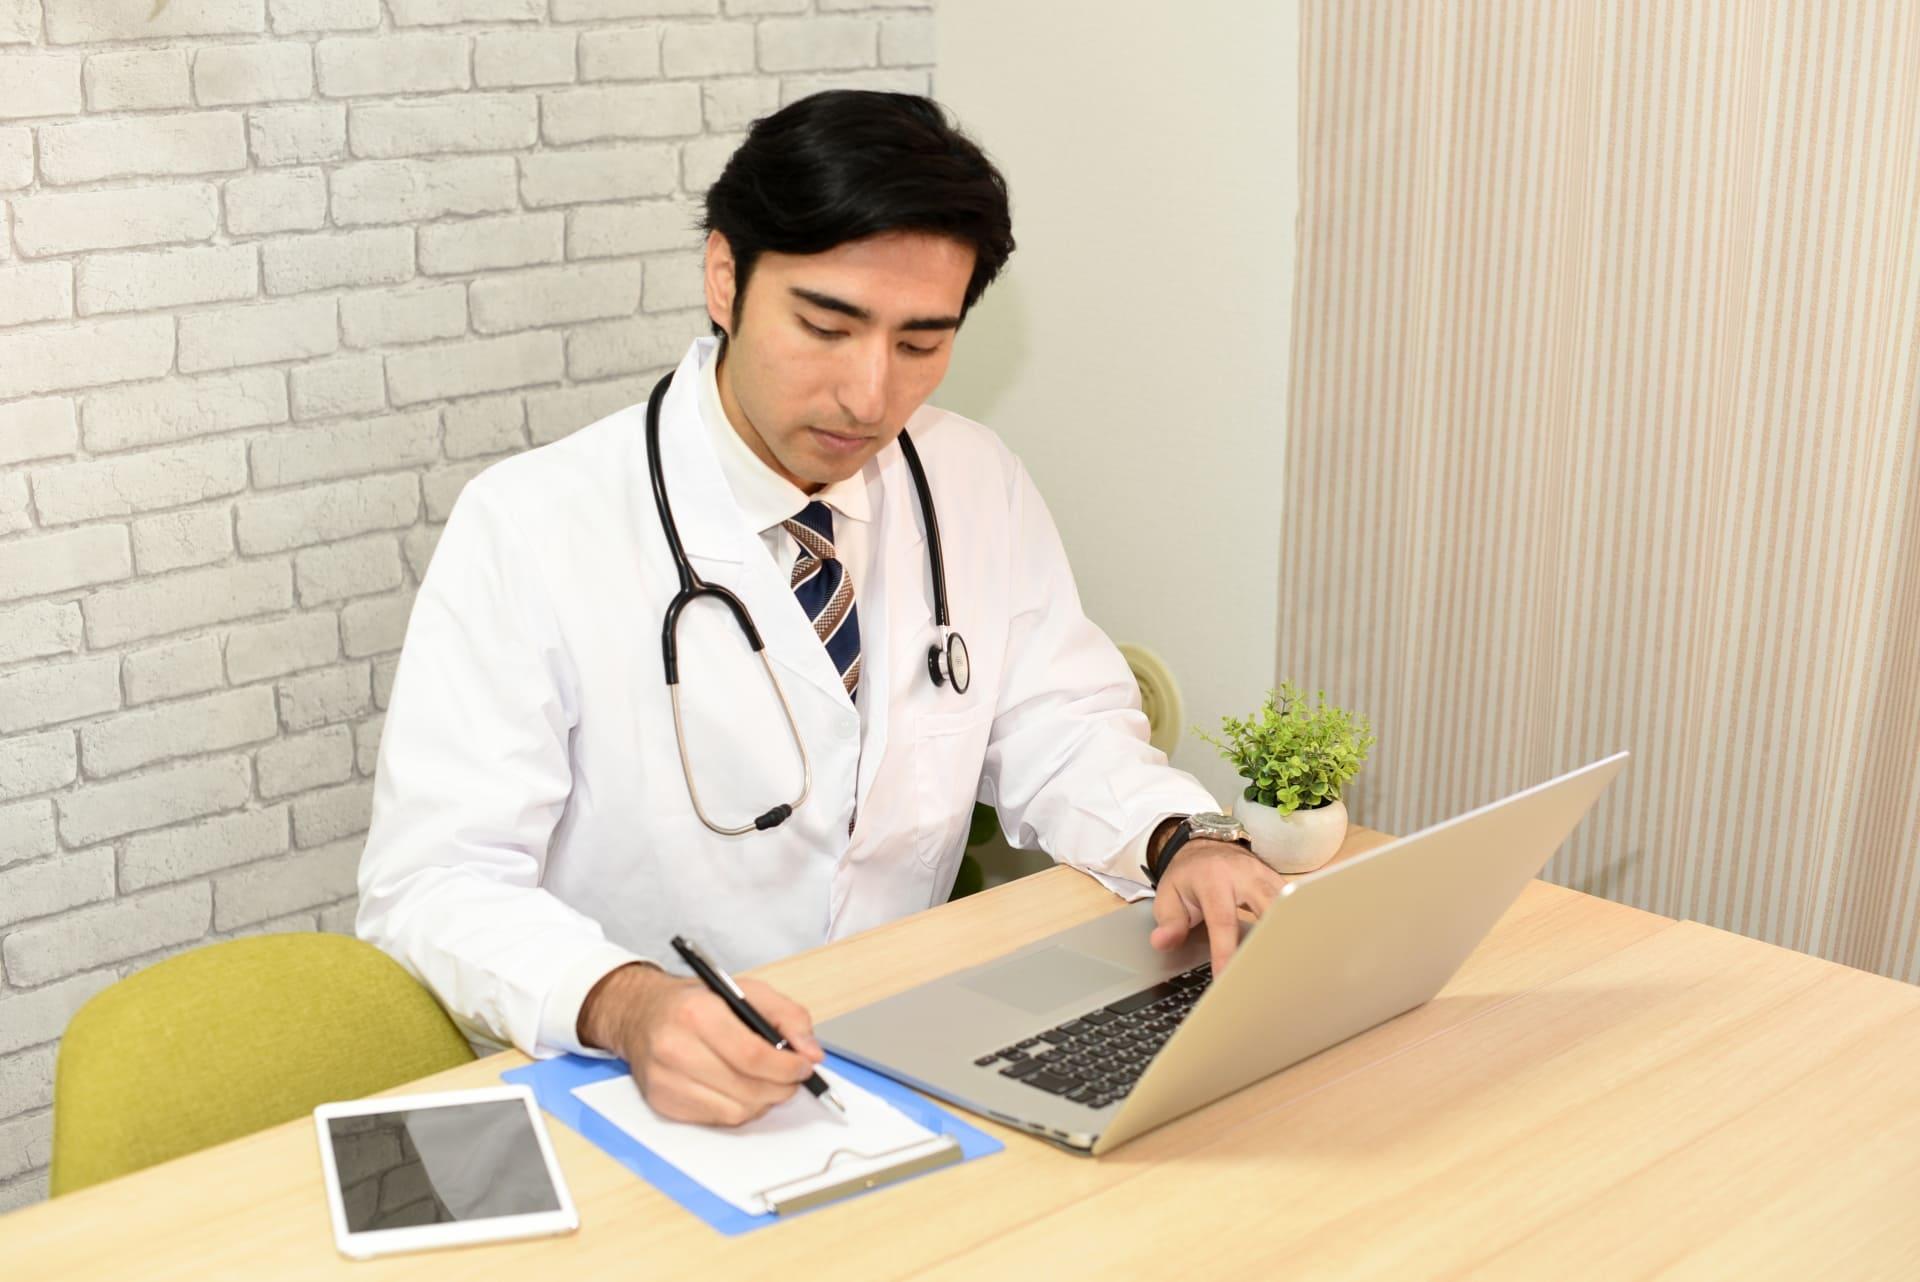 労働安全衛生法とは?産業医を選任する企業が知っておくべきポイント